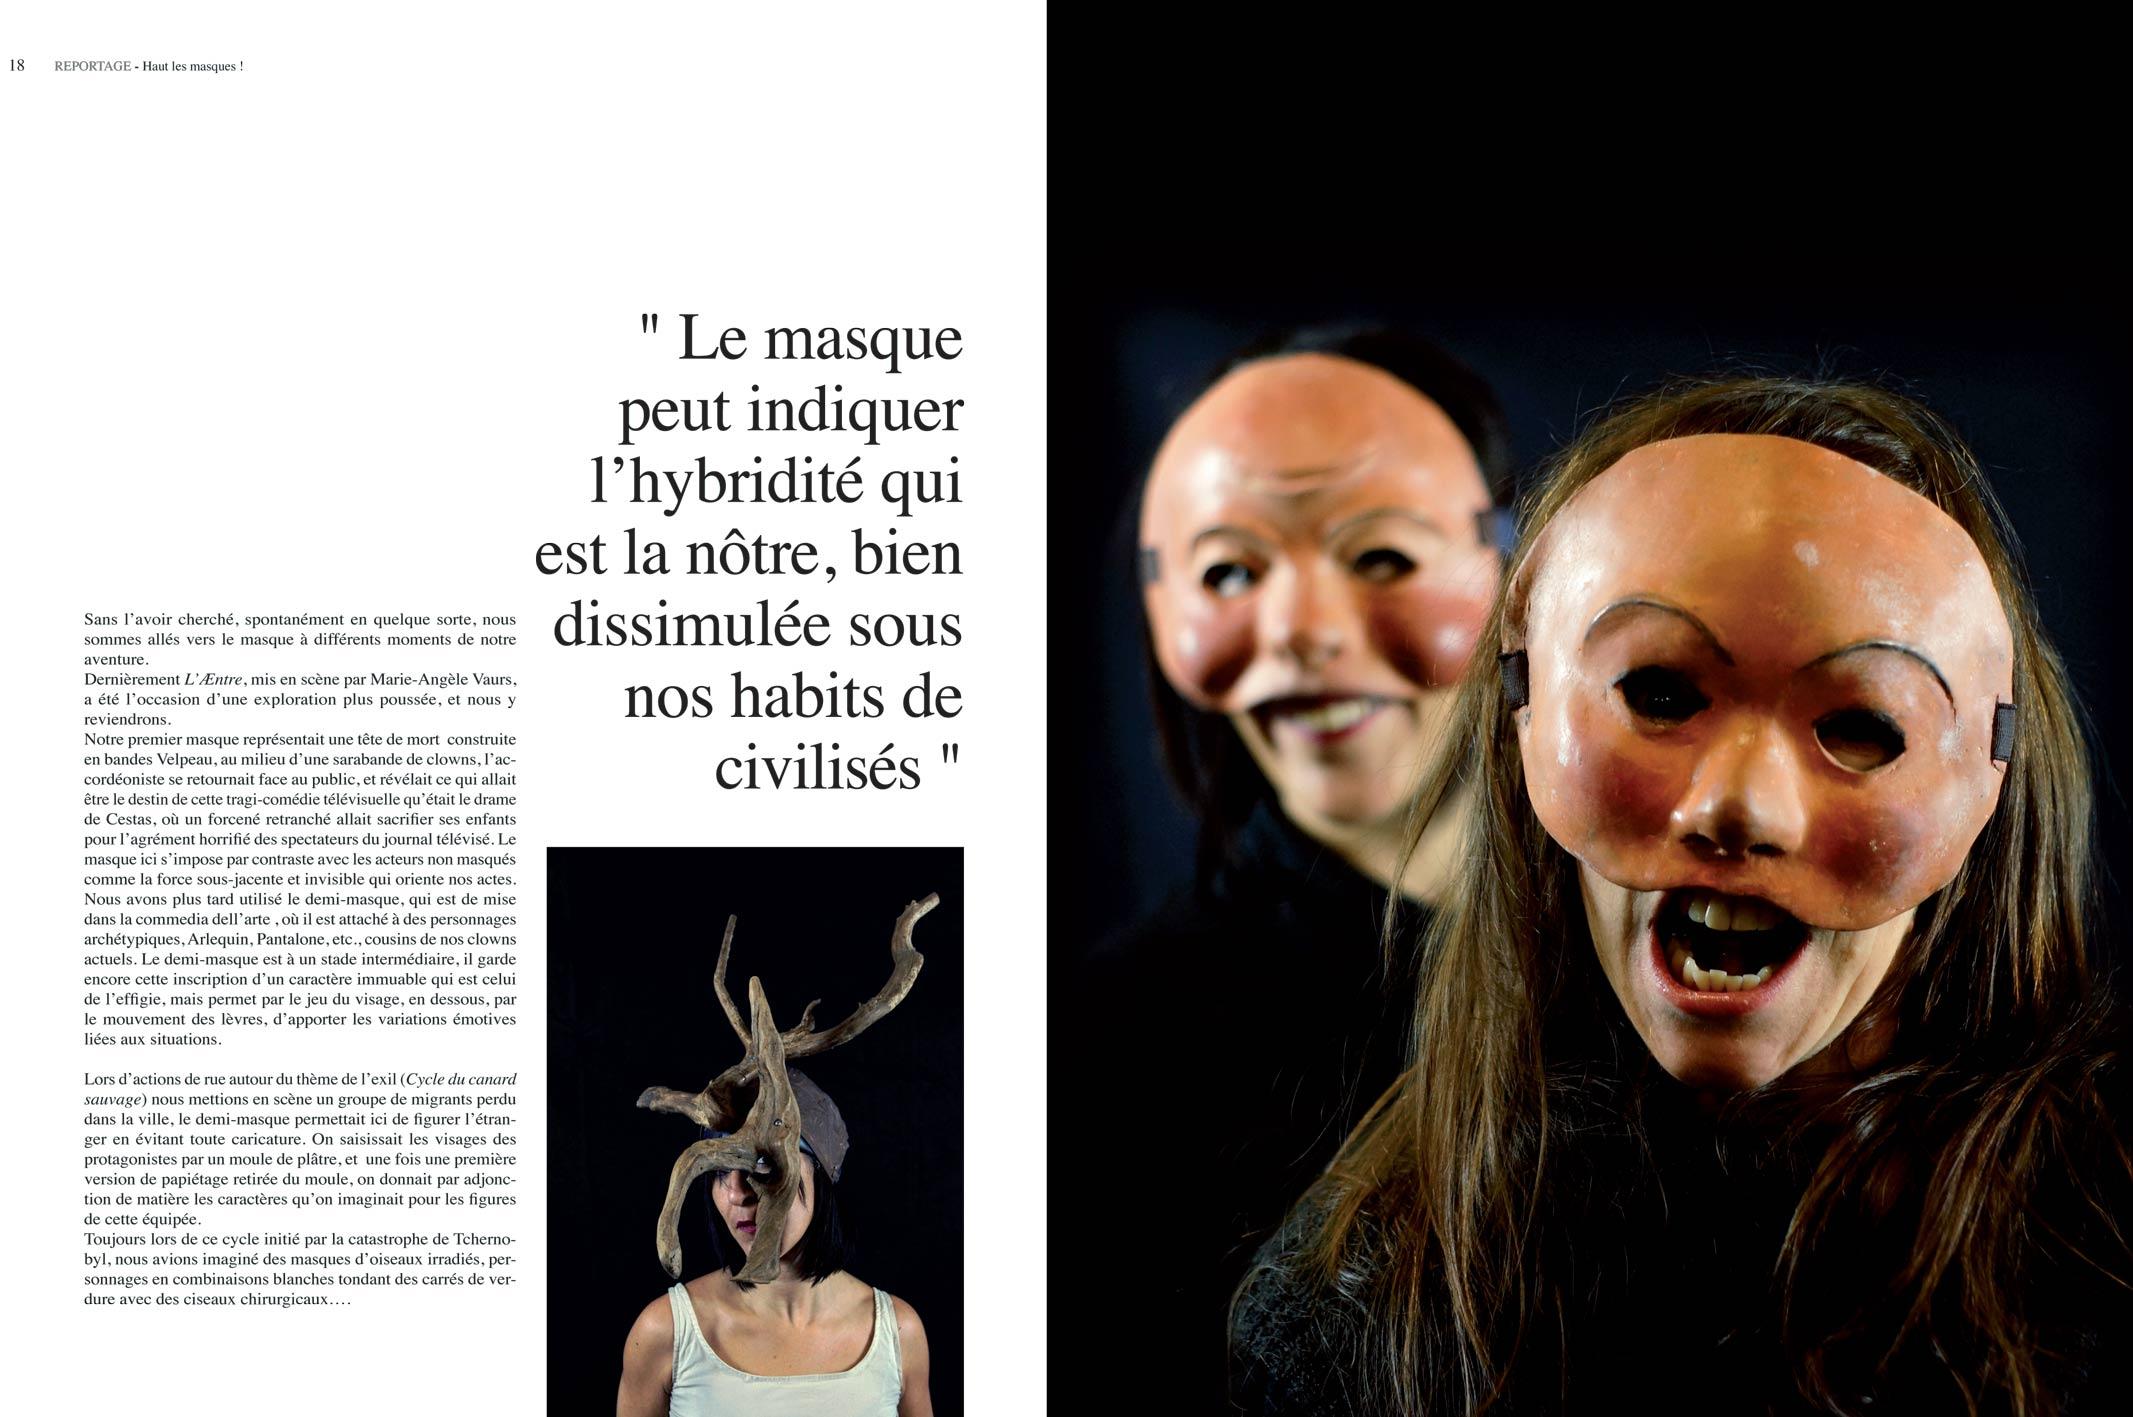 Les-masques-LB8-p18-19 le brigadier toulouse